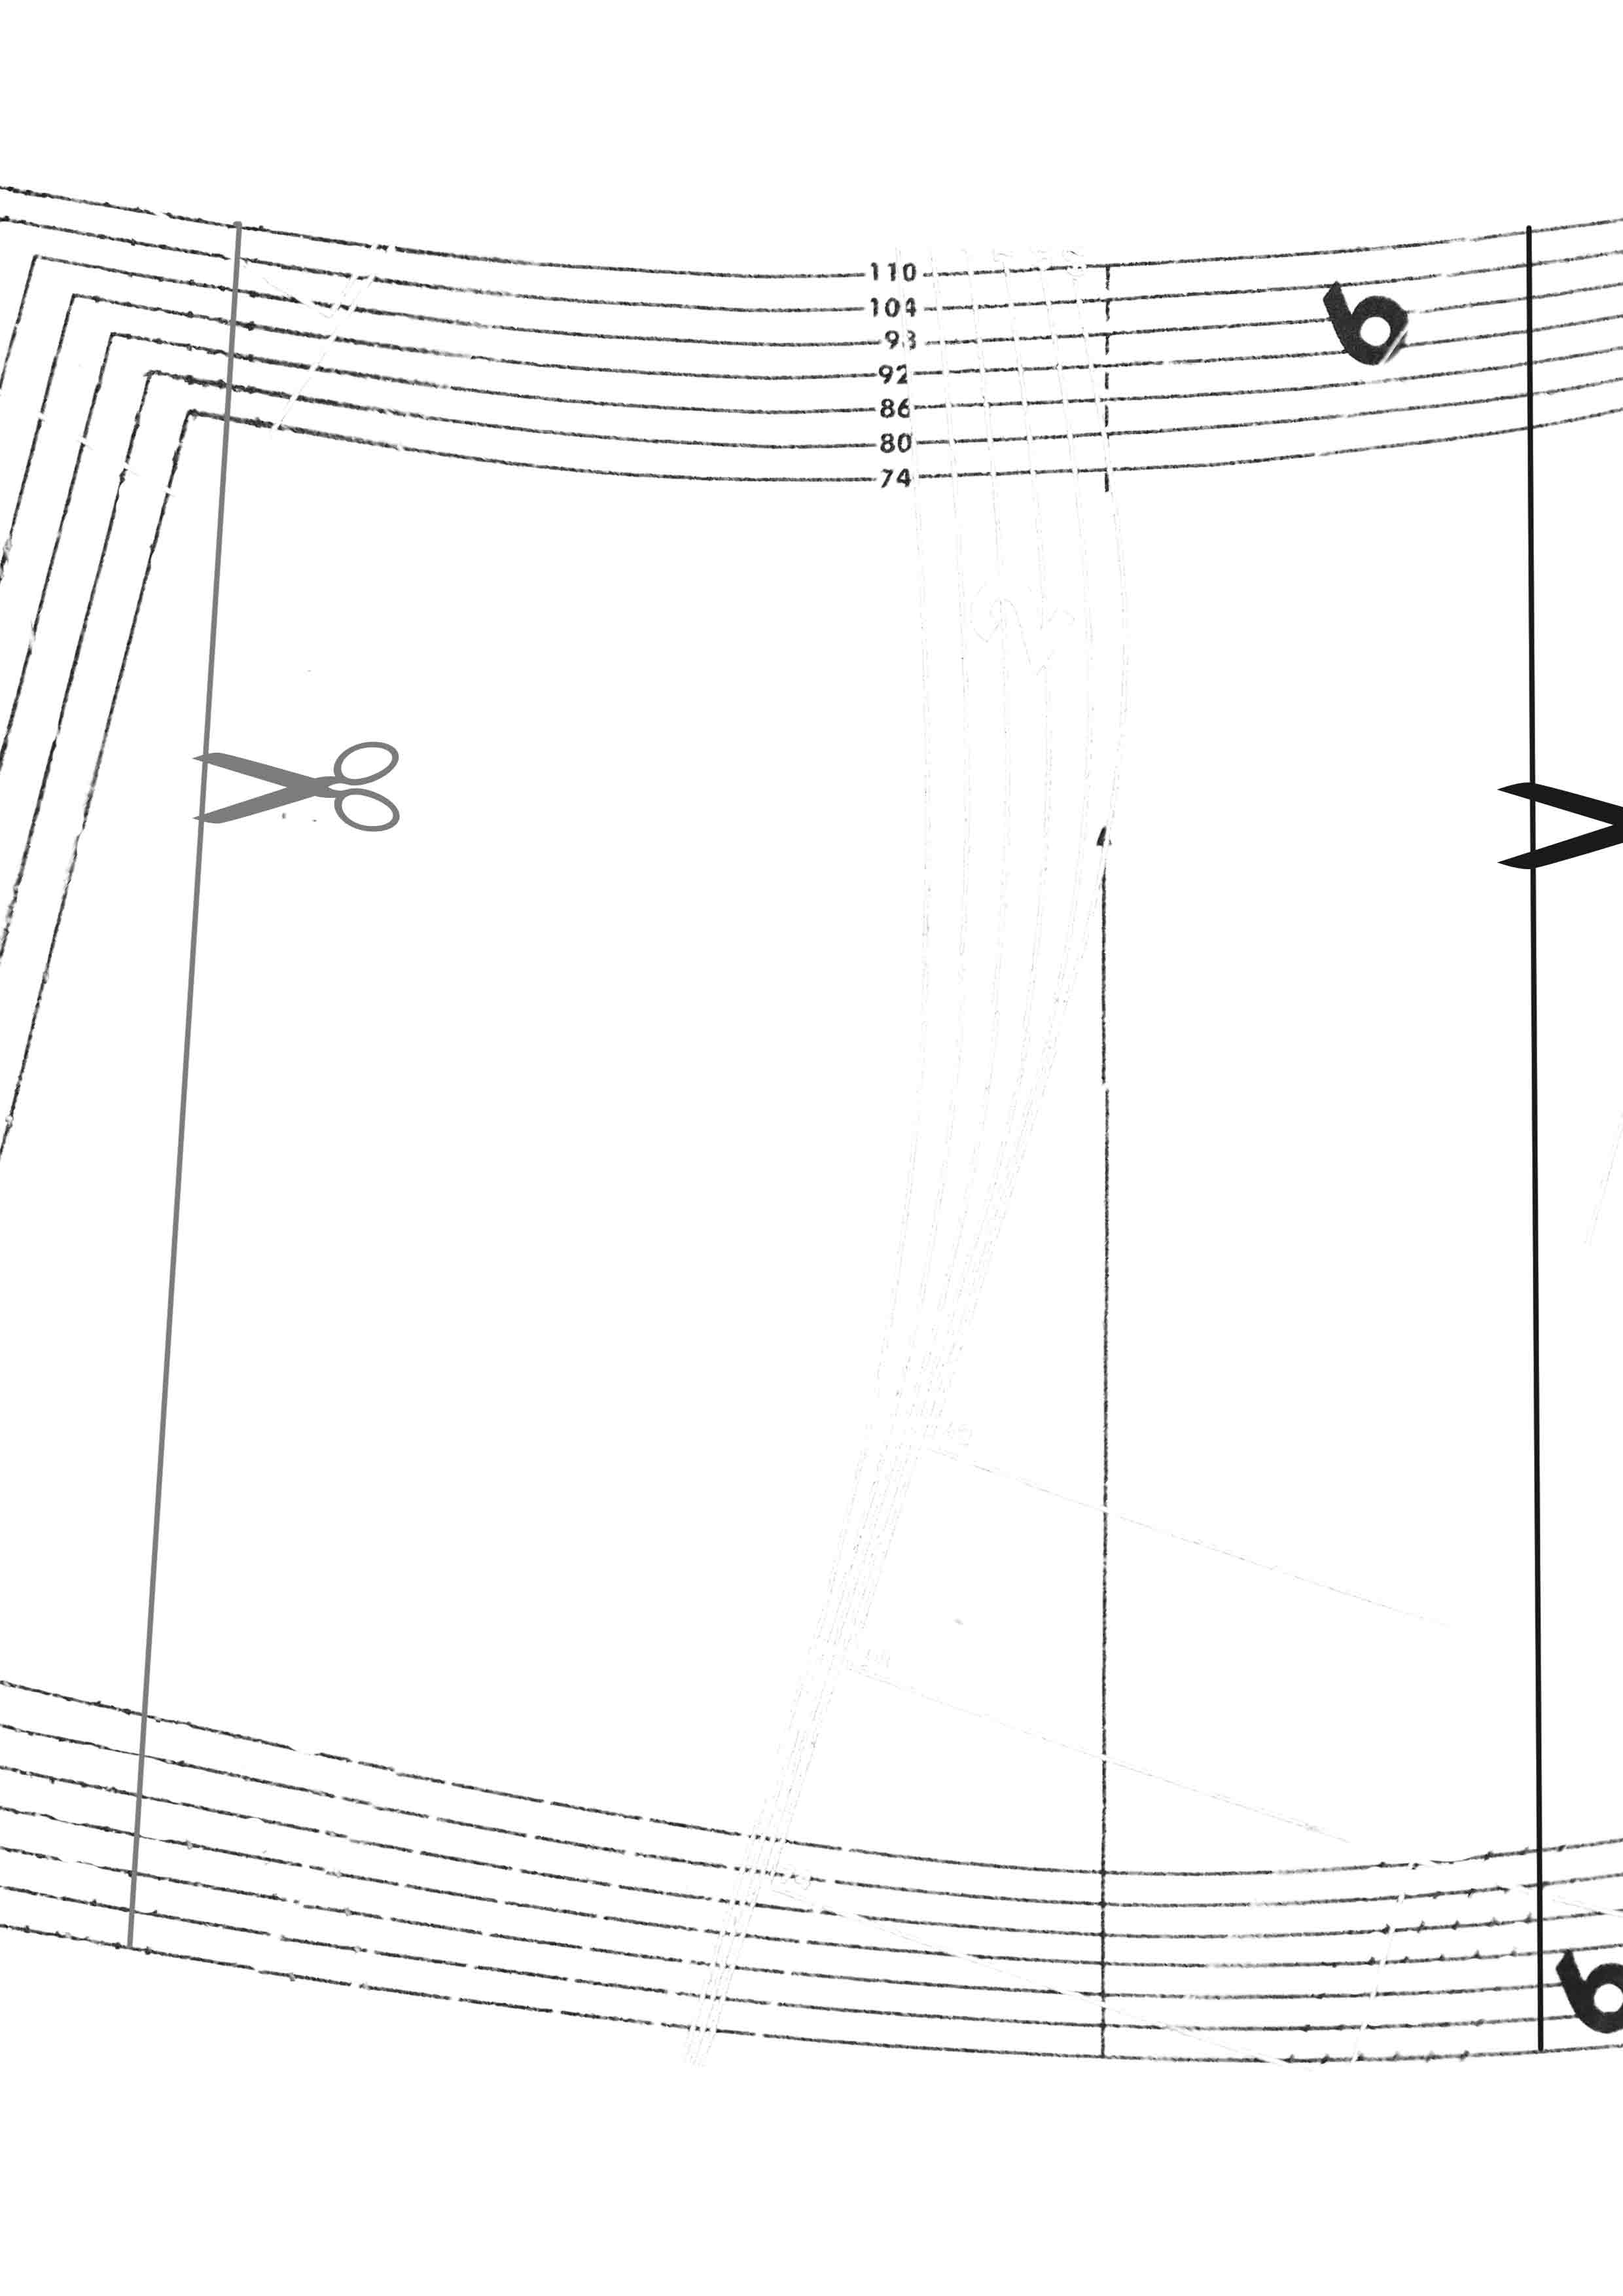 детские шорты выкройка (19 рисунки